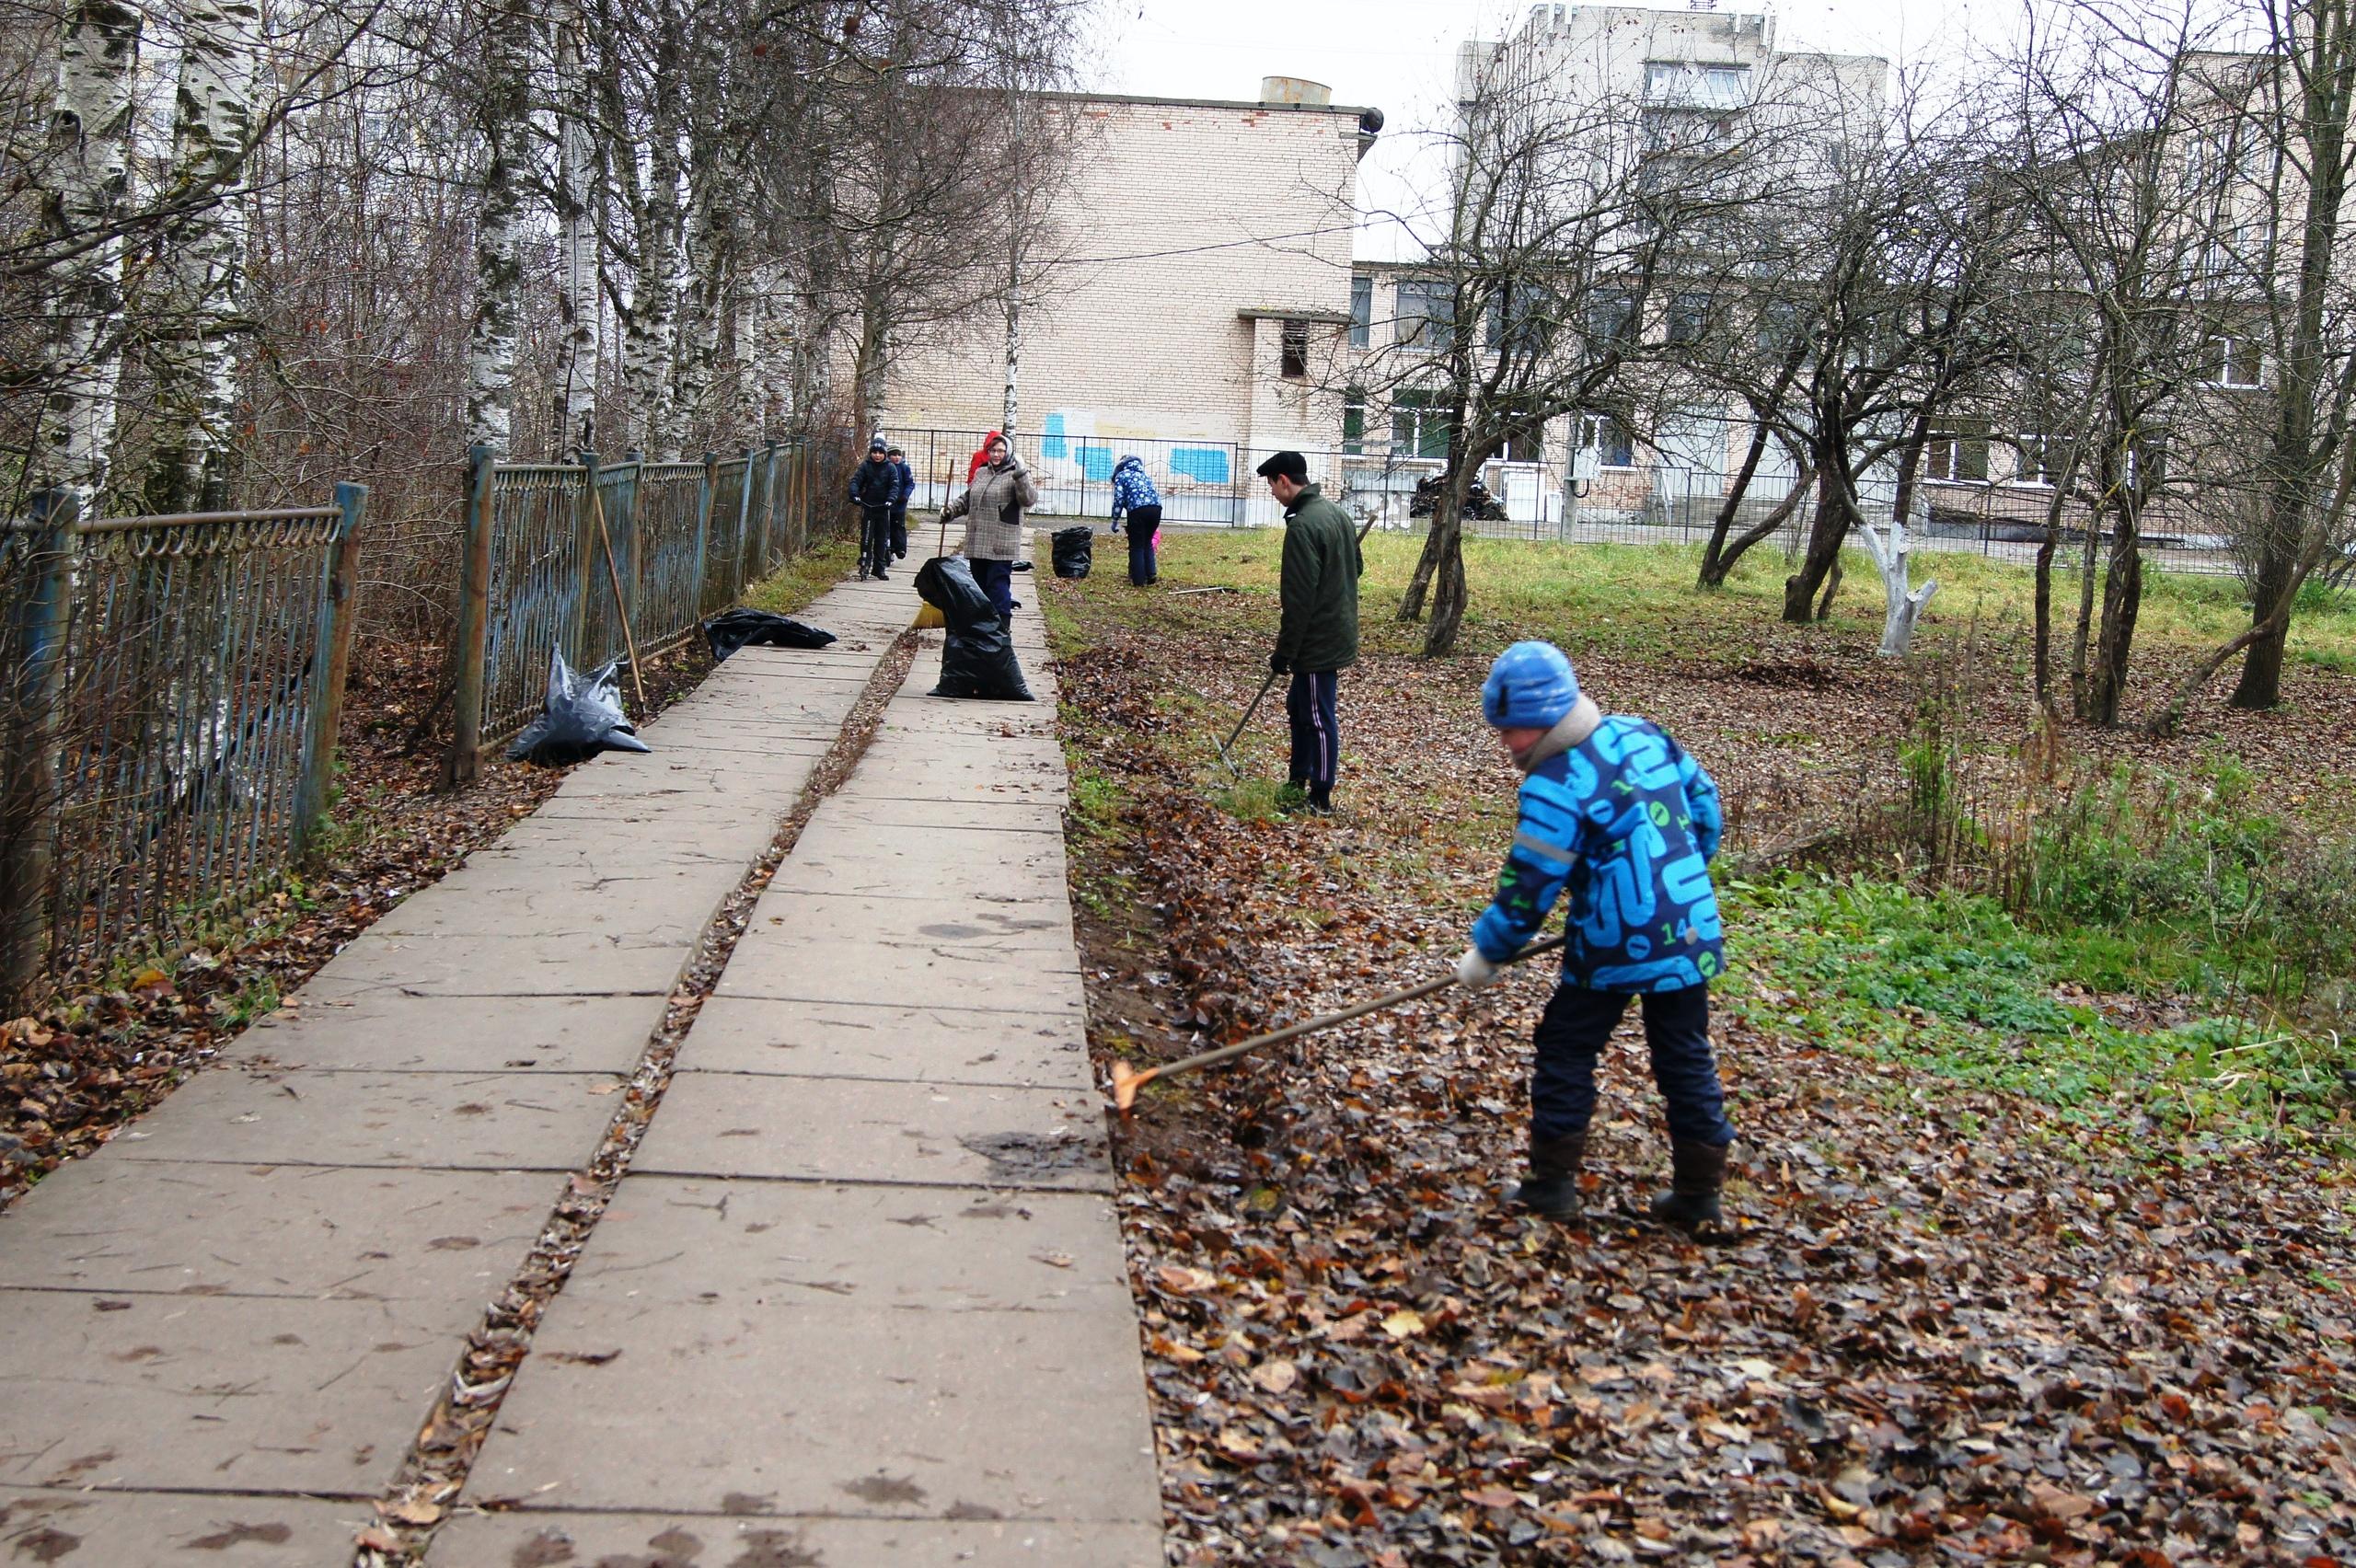 Сегодня священники и прихожане храма Святого Равноапостольного князя Владимира вместе с учителями и учениками 1-й школы, провели субботник в Яблоневом саду.